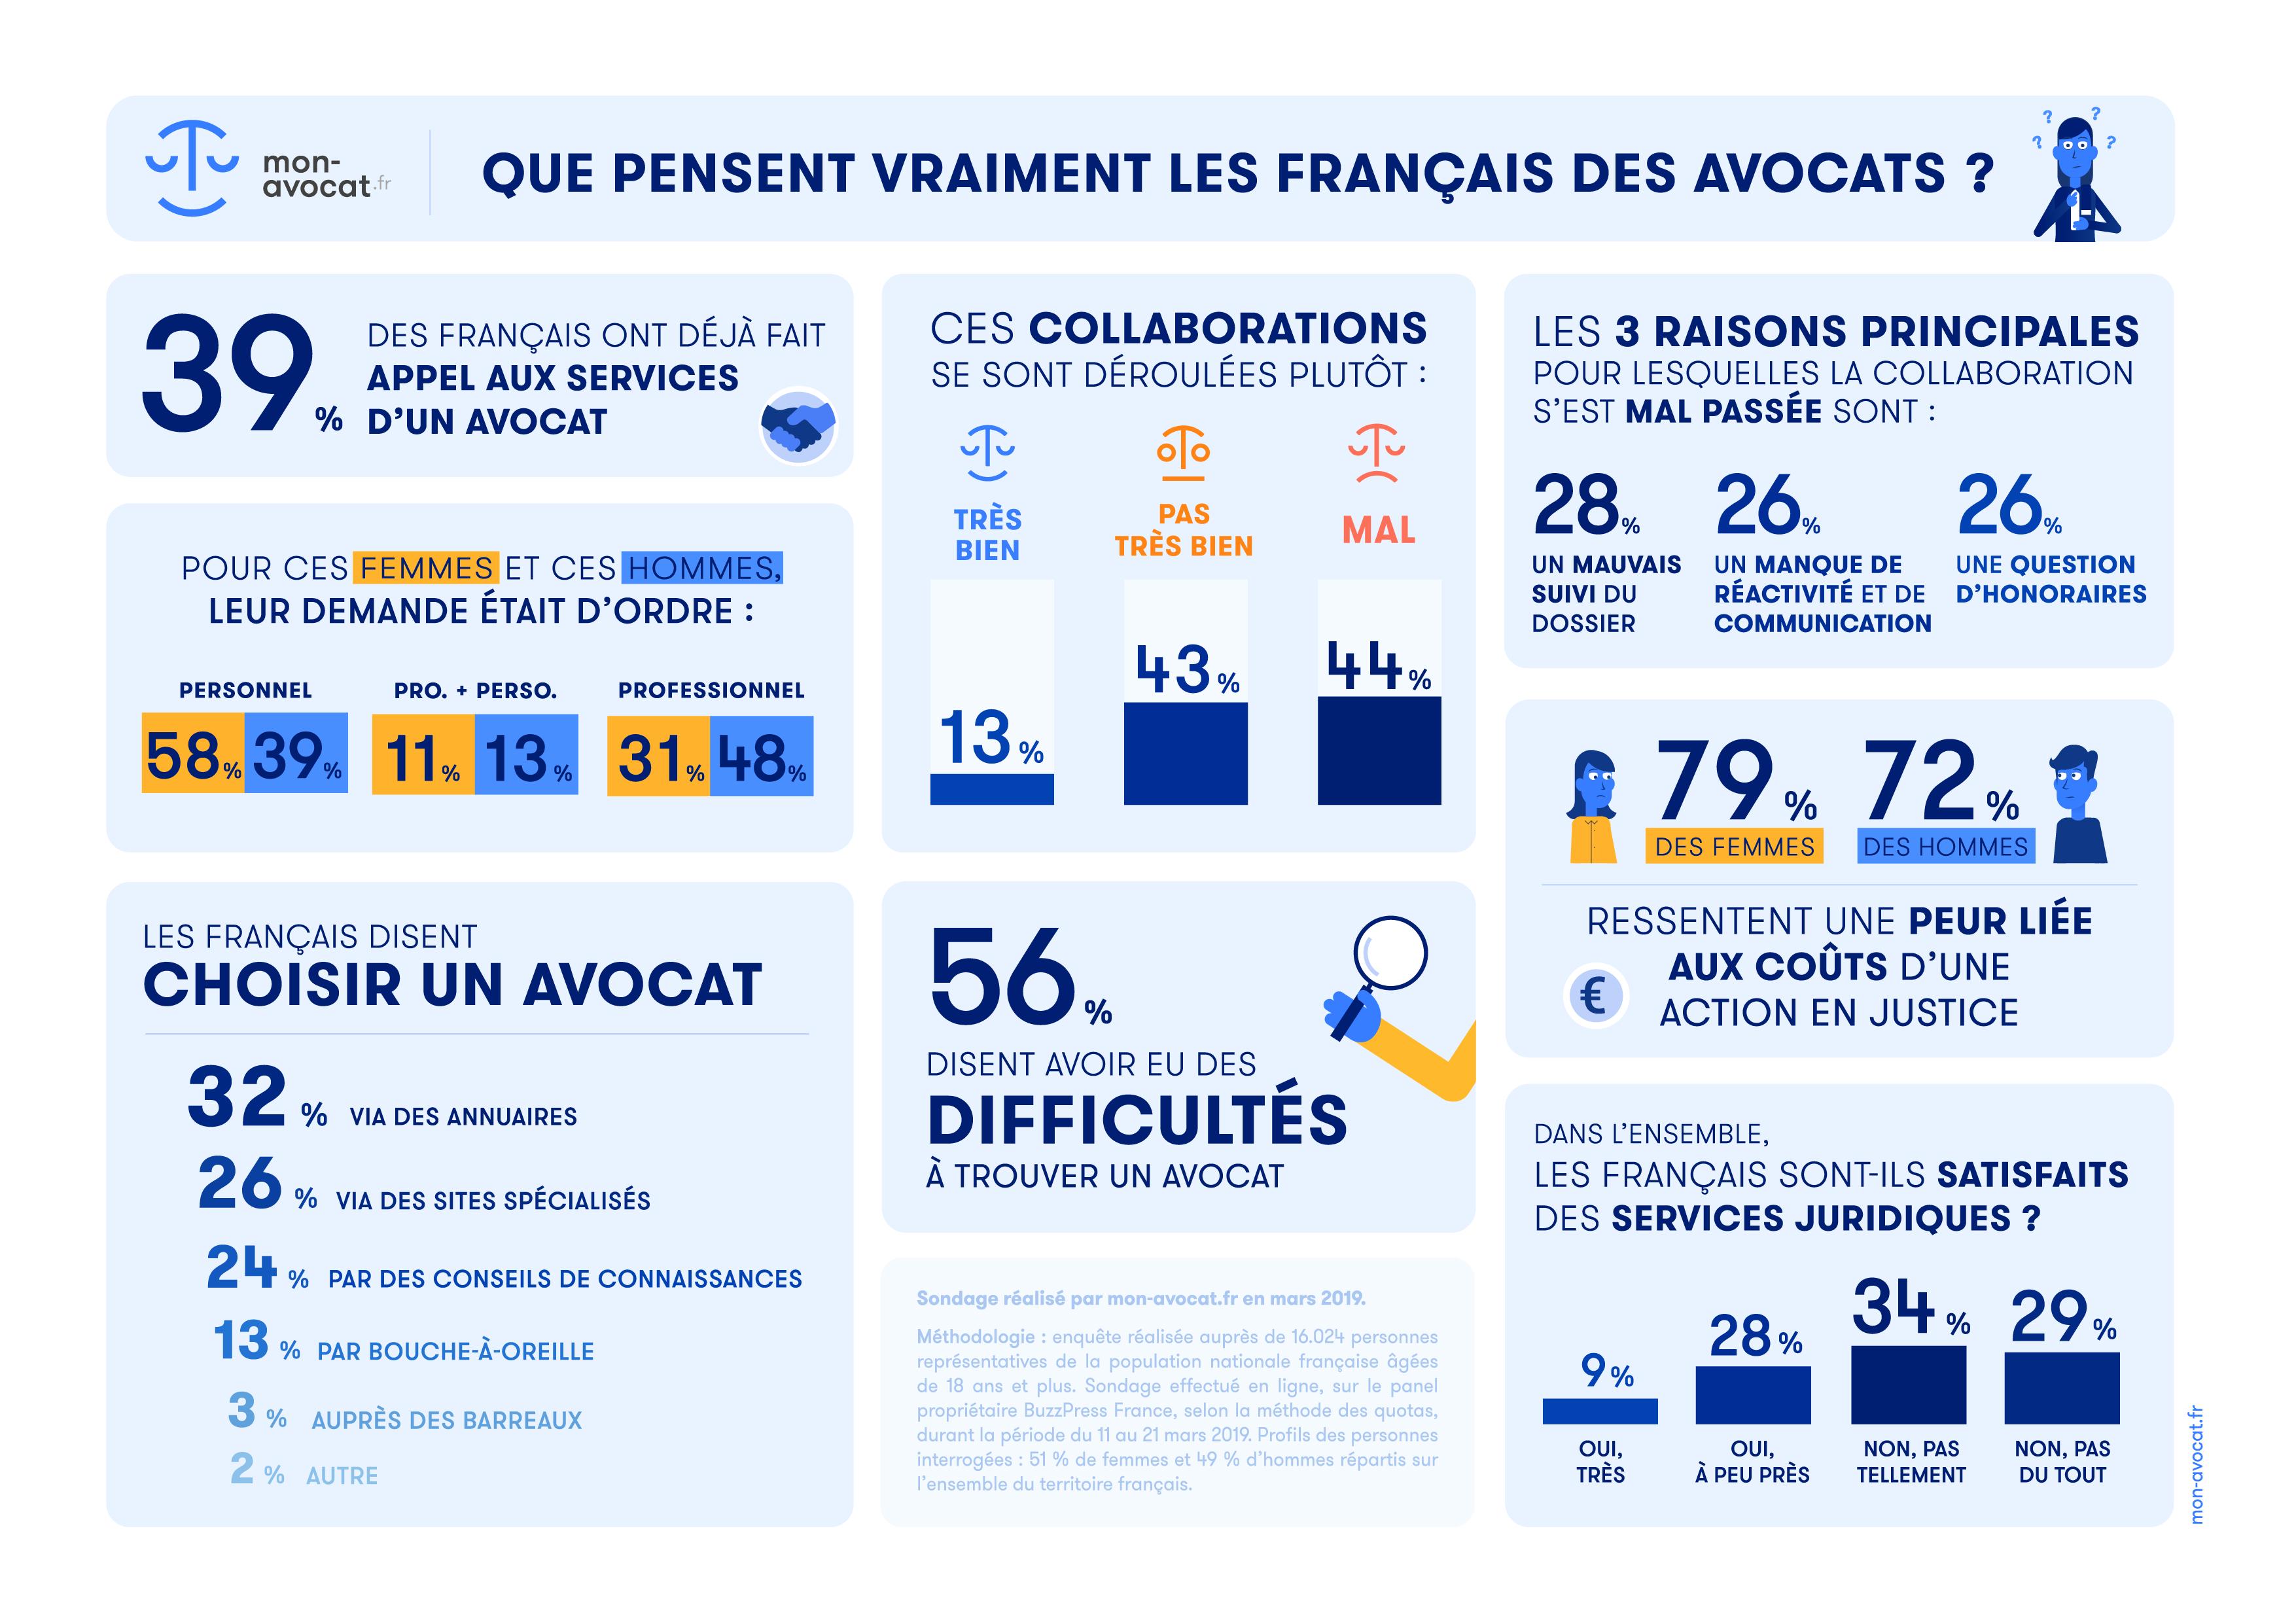 Que pensent vraiment les Français des avocats ?